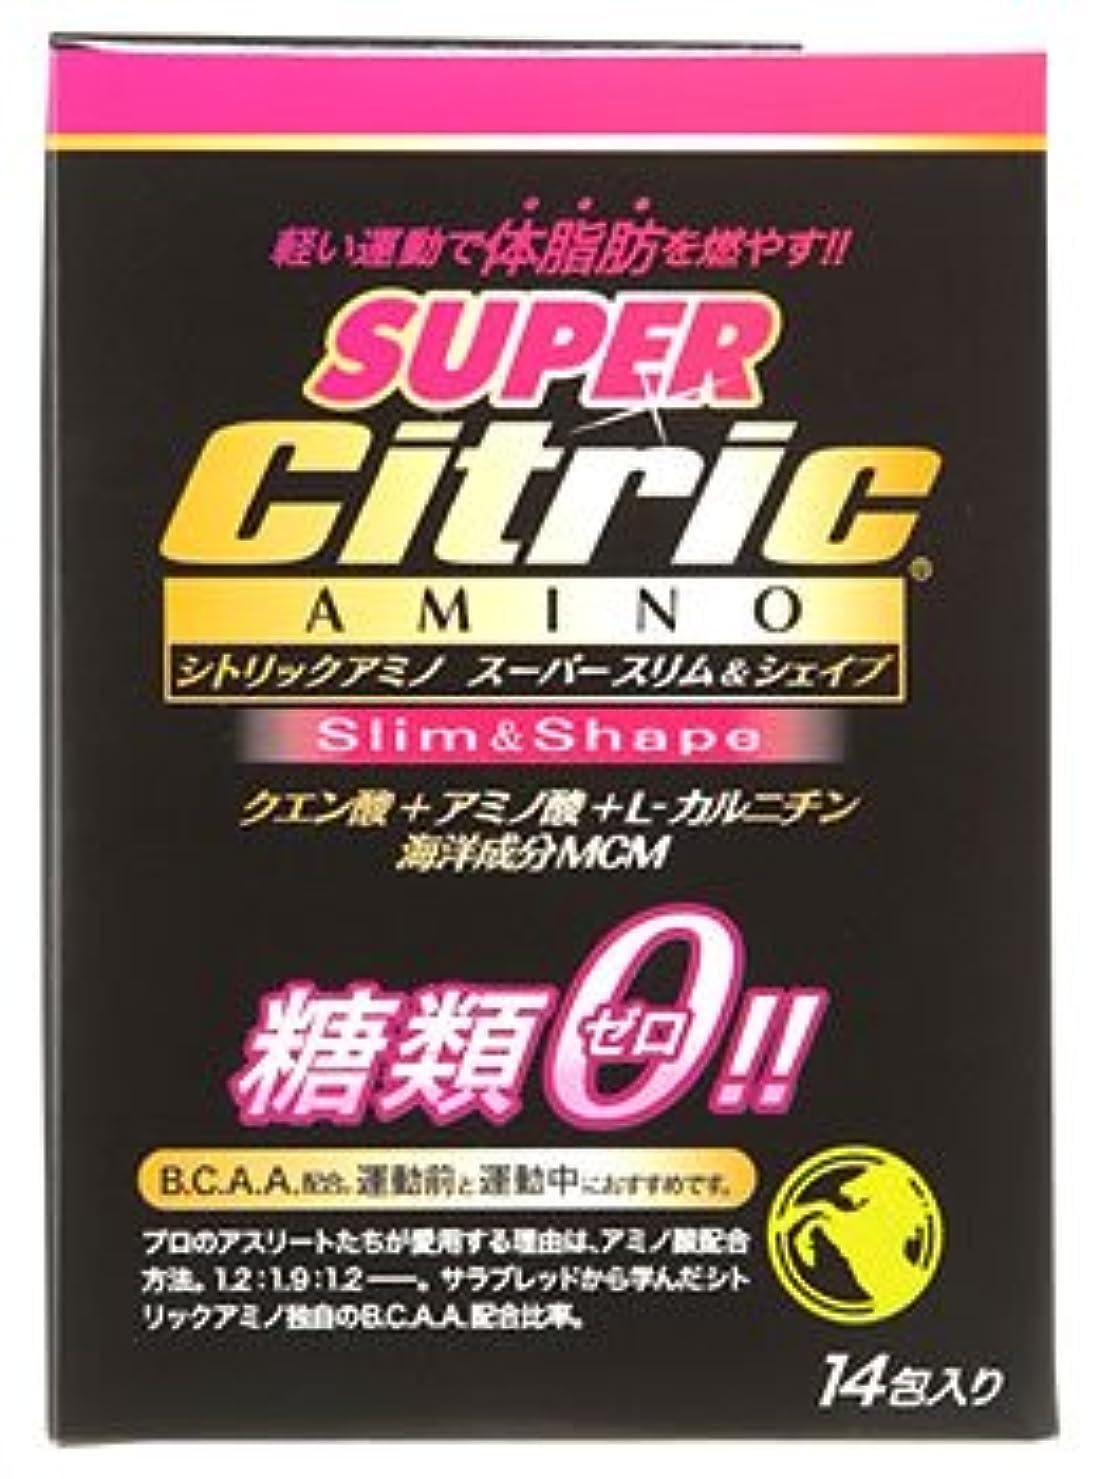 ブリード等価文明メダリスト?ジャパン シトリックアミノ スーパースリム&シェイプ JP (6g×14包入) クエン酸 アミノ酸 糖類ゼロ